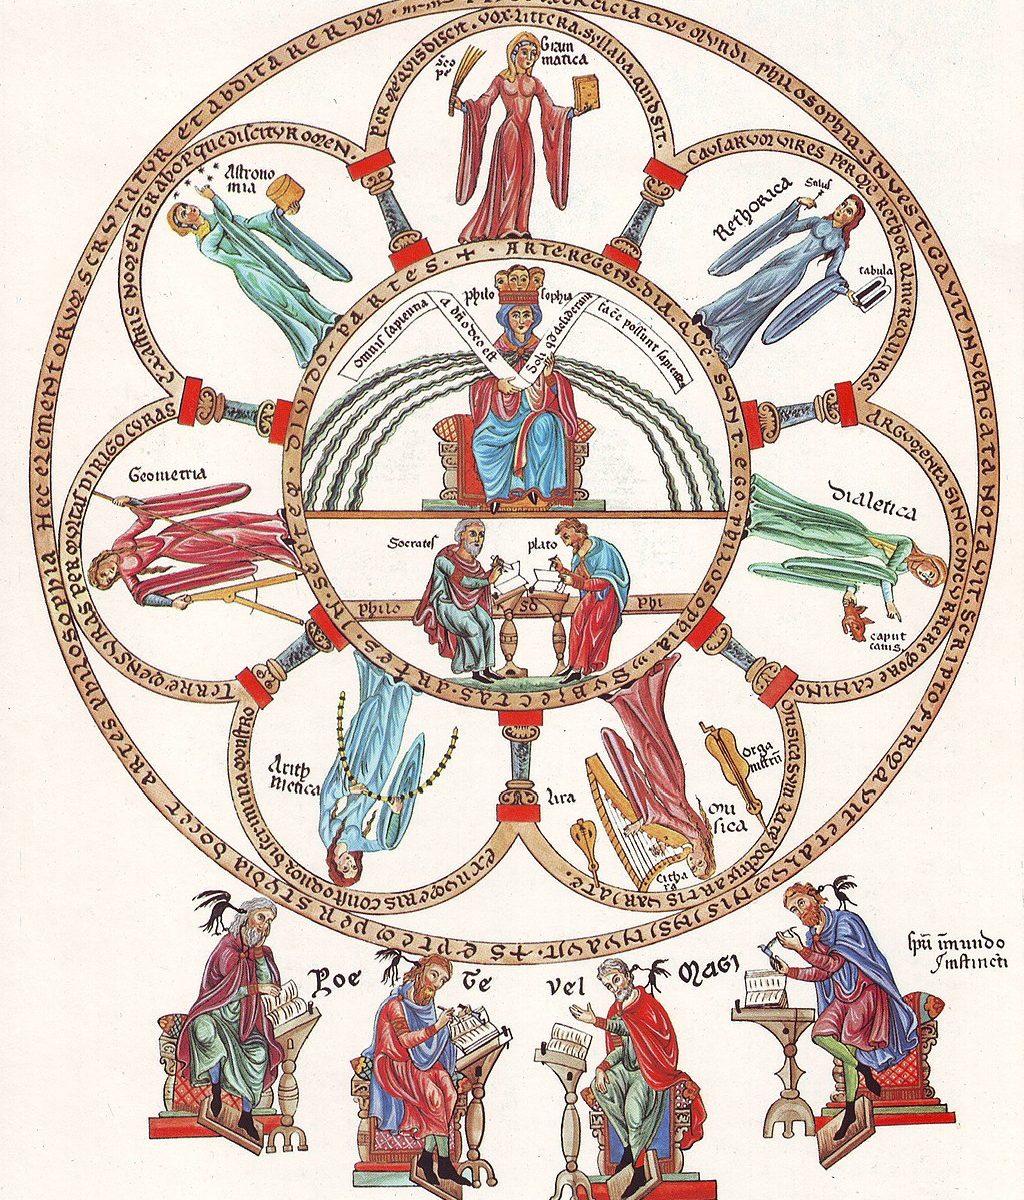 Hortus Deliciarum, Die Philosophie mit den sieben freien Künsten von Herrad of Landsberg (?) ca. 1180 [Public domain], via Wikimedia Commons